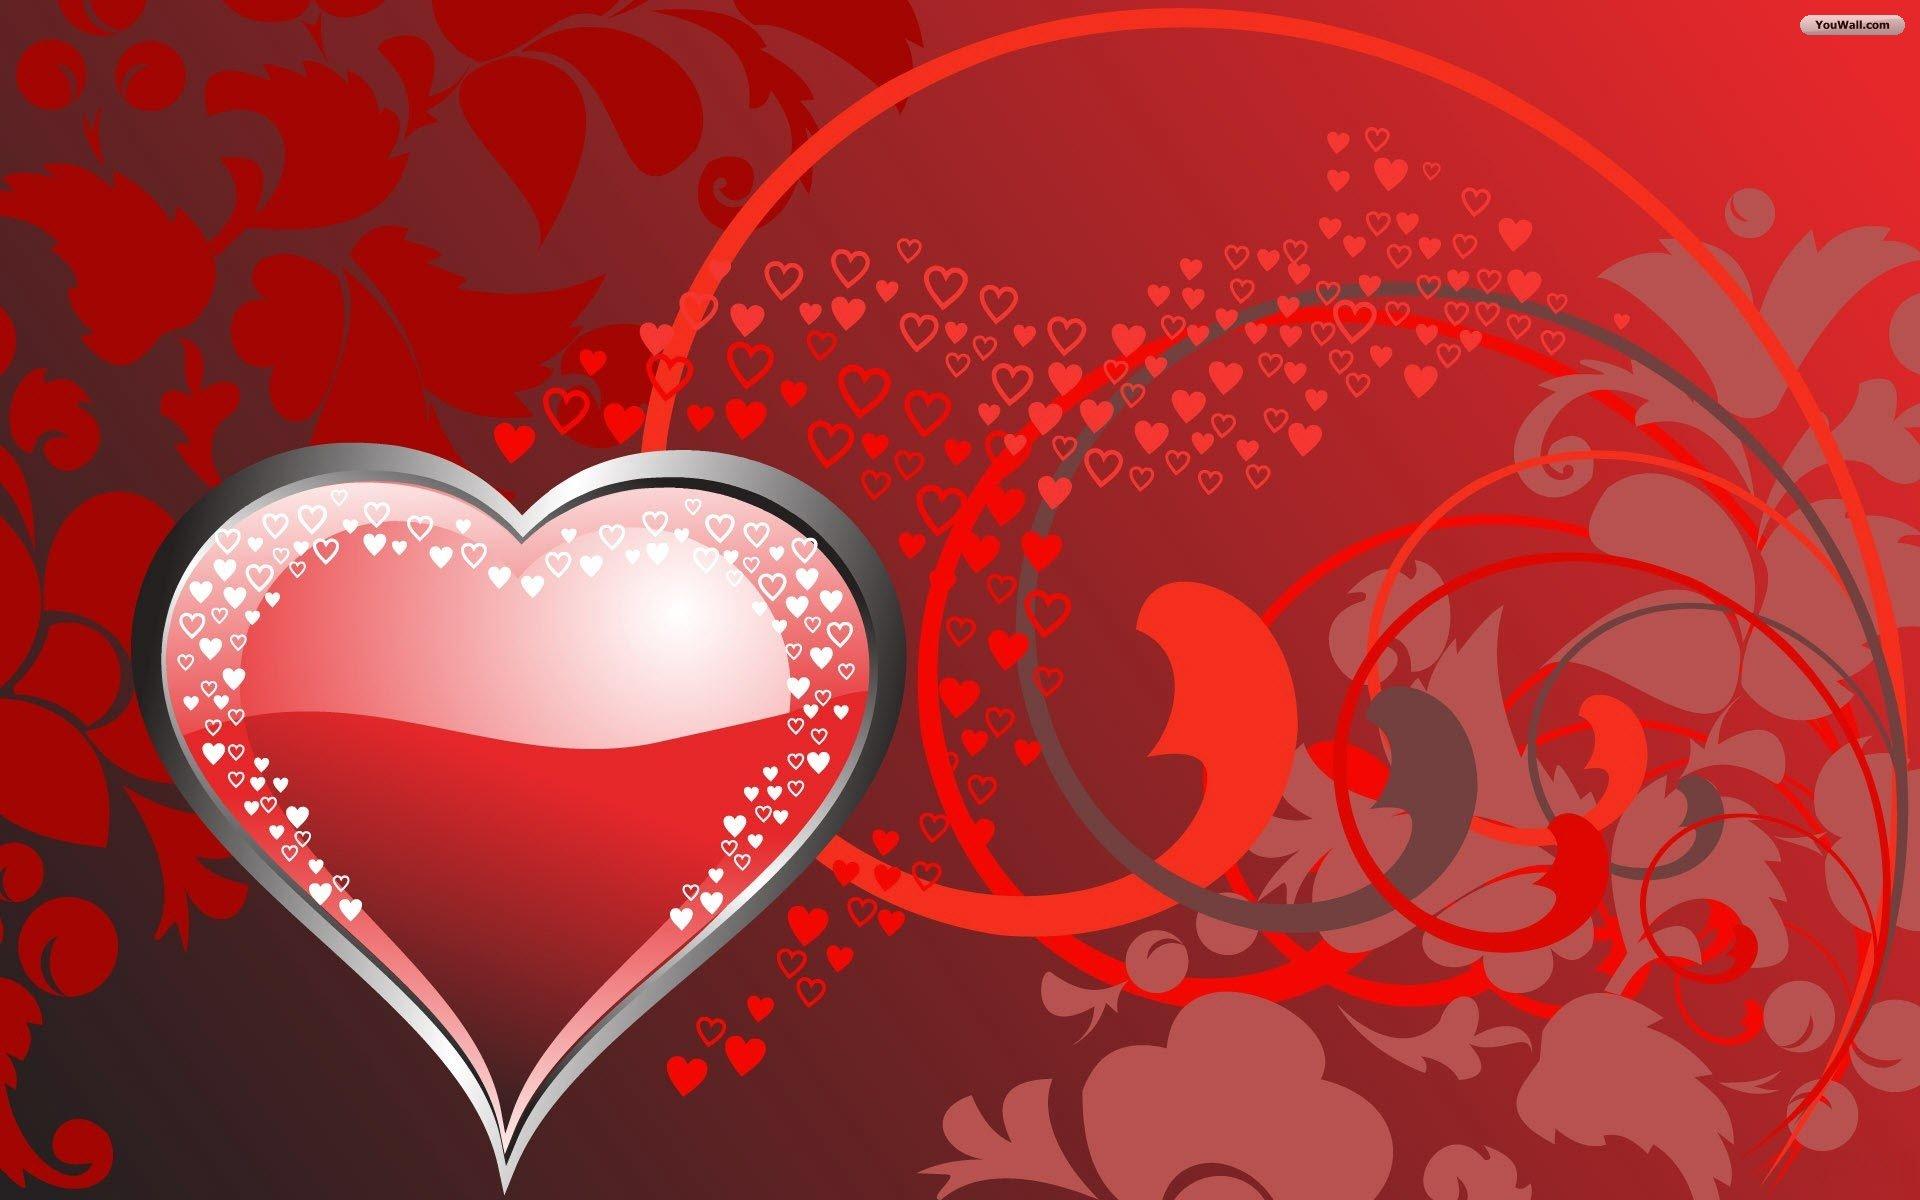 С Днем Святого Валентина Музыкальные Открытки Бесплатно 28